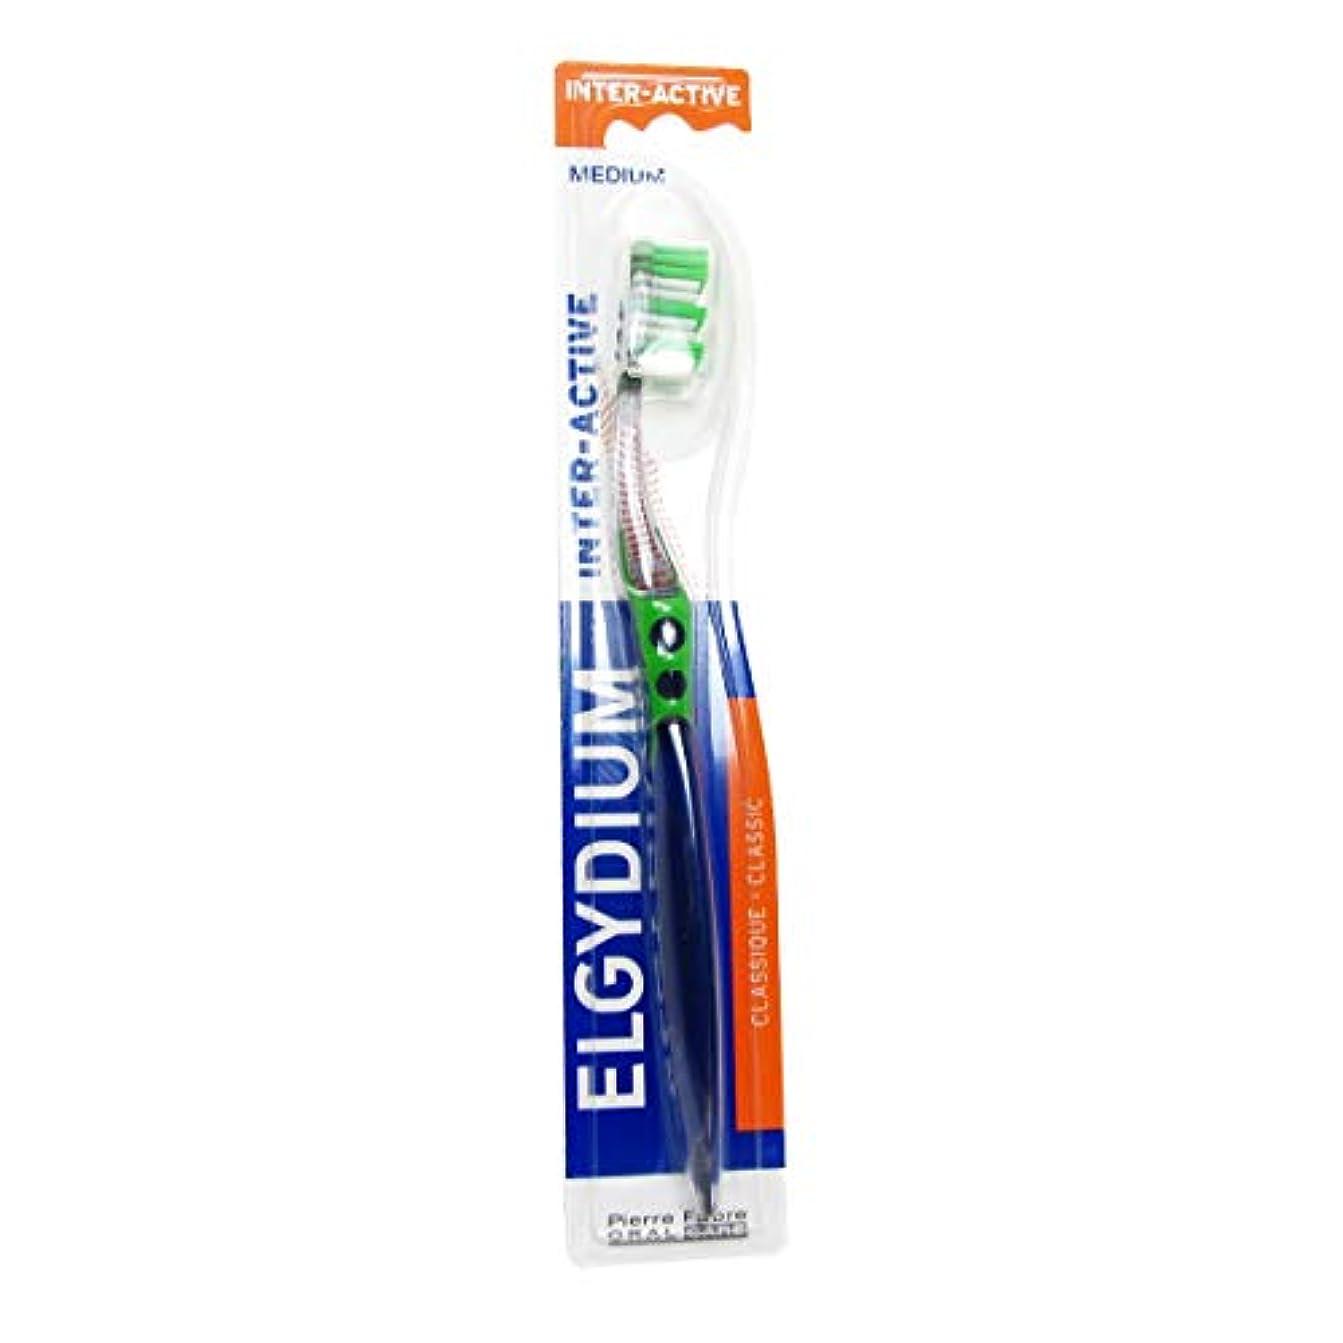 嫌がらせ致命的な輝度Elgydium Inter-active Medium Toothbrush [並行輸入品]